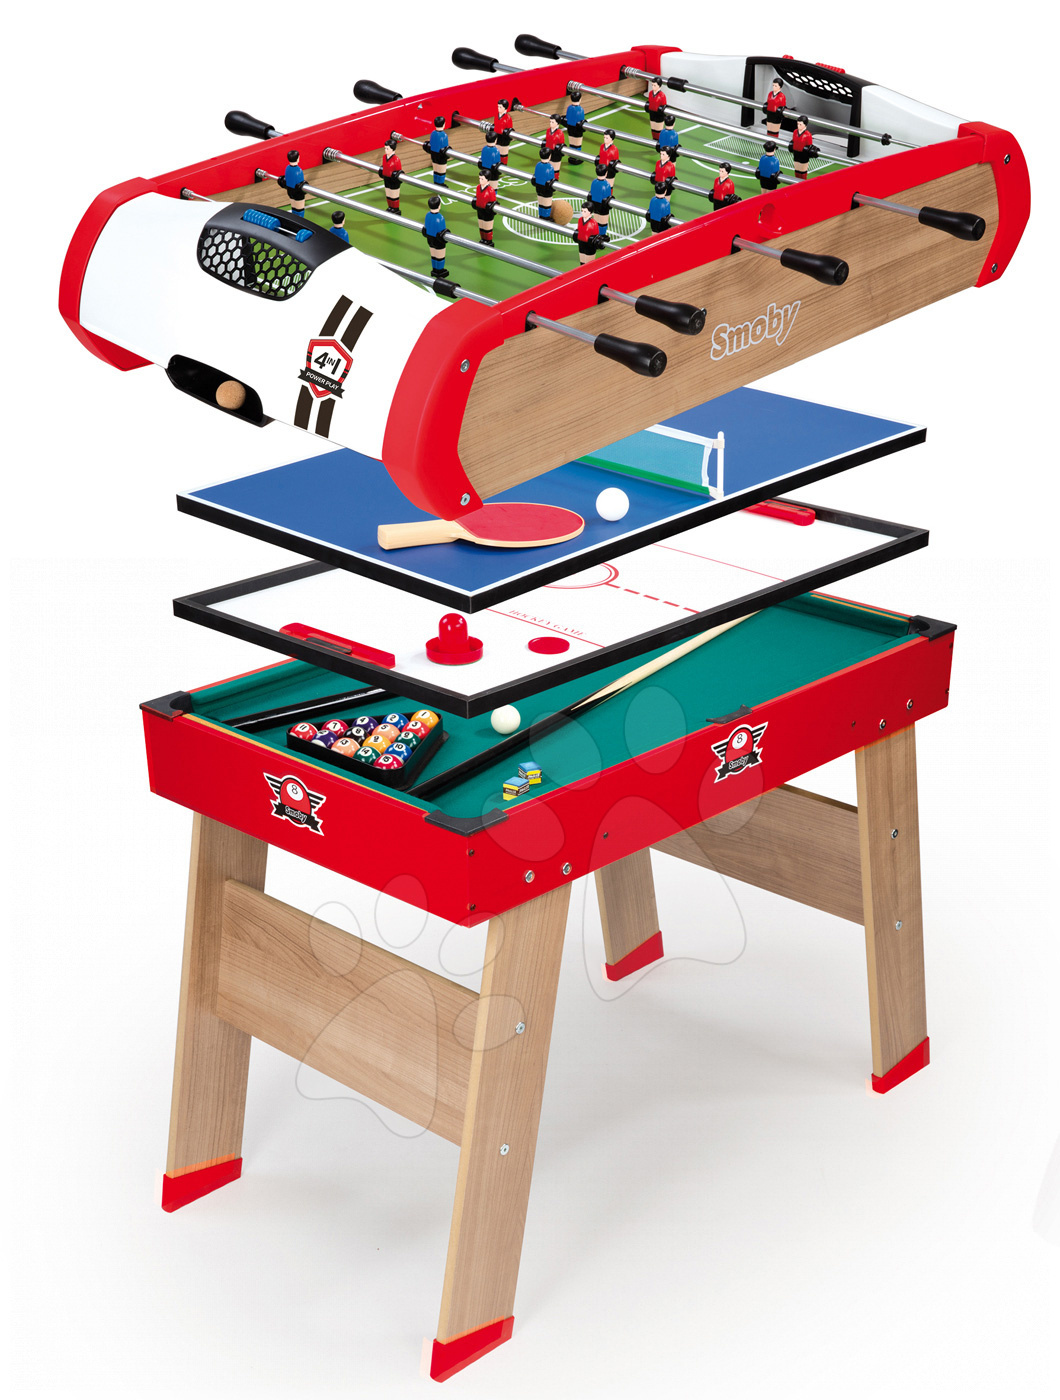 Stolný futbal - Drevený futbalový stôl Powerplay 4v1 Smoby stolný futbal, biliard, hokej a tenis od 8 rokov